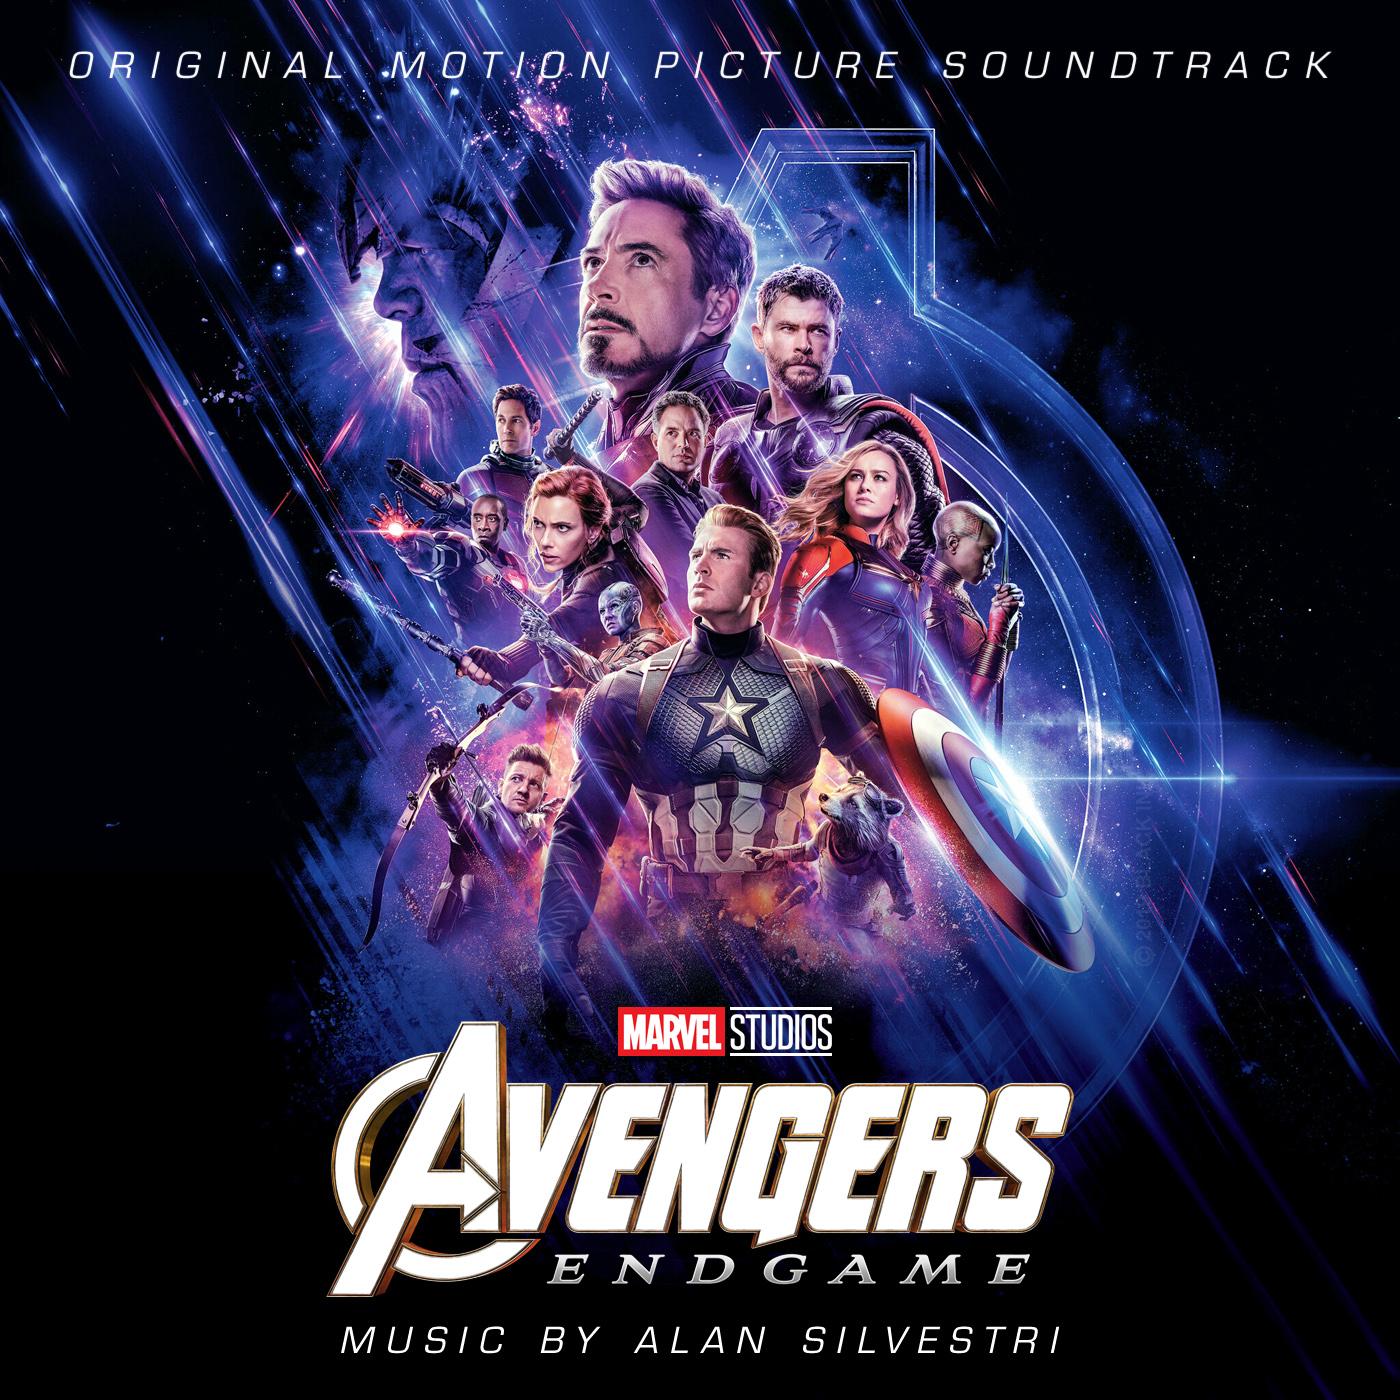 Avengers Endgame - Alan Silvestri